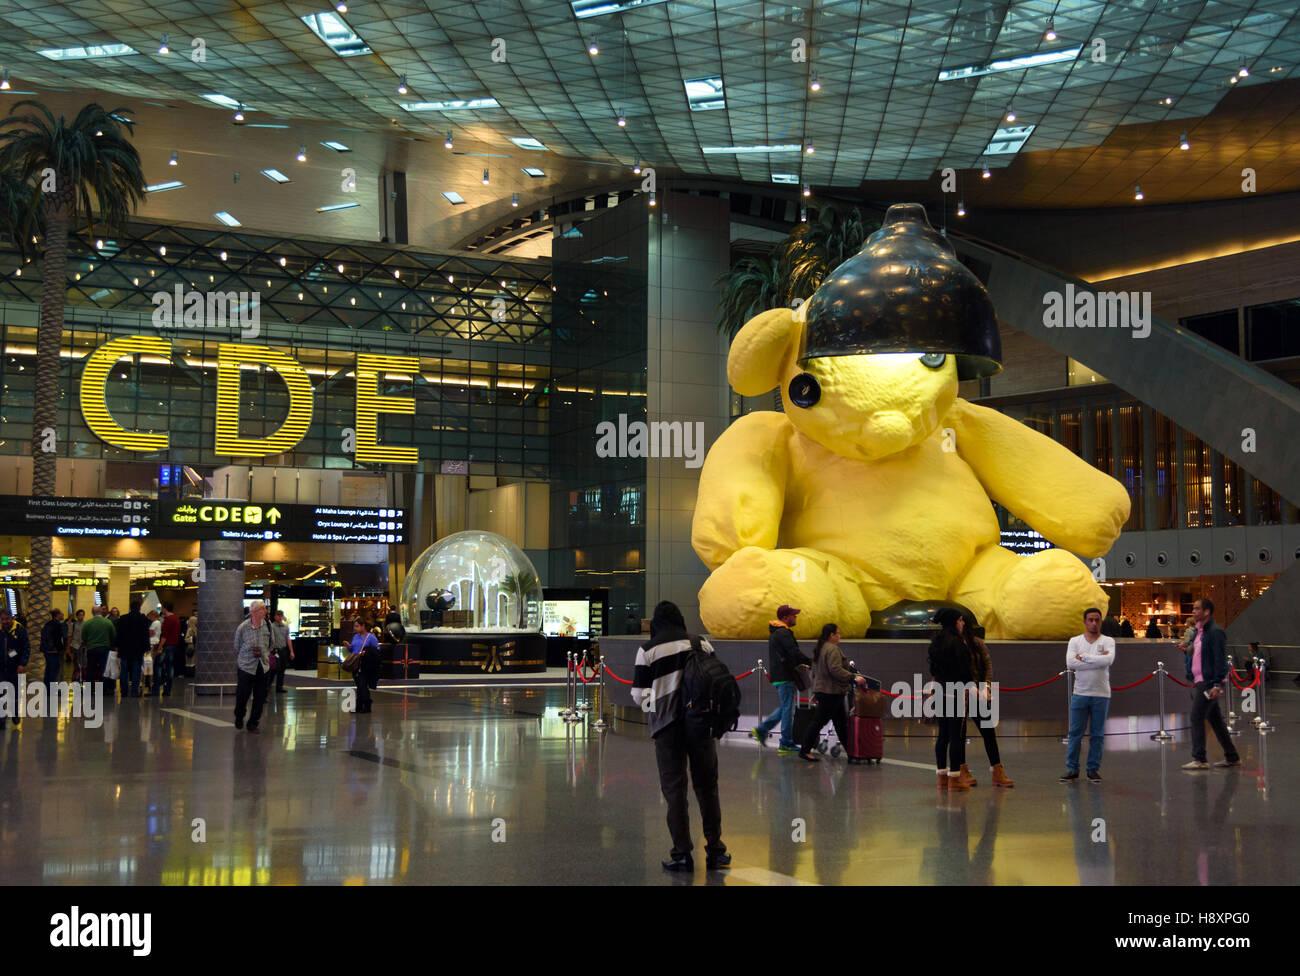 Intérieur de l'Aéroport International Hamad. Doha, Qatar Banque D'Images